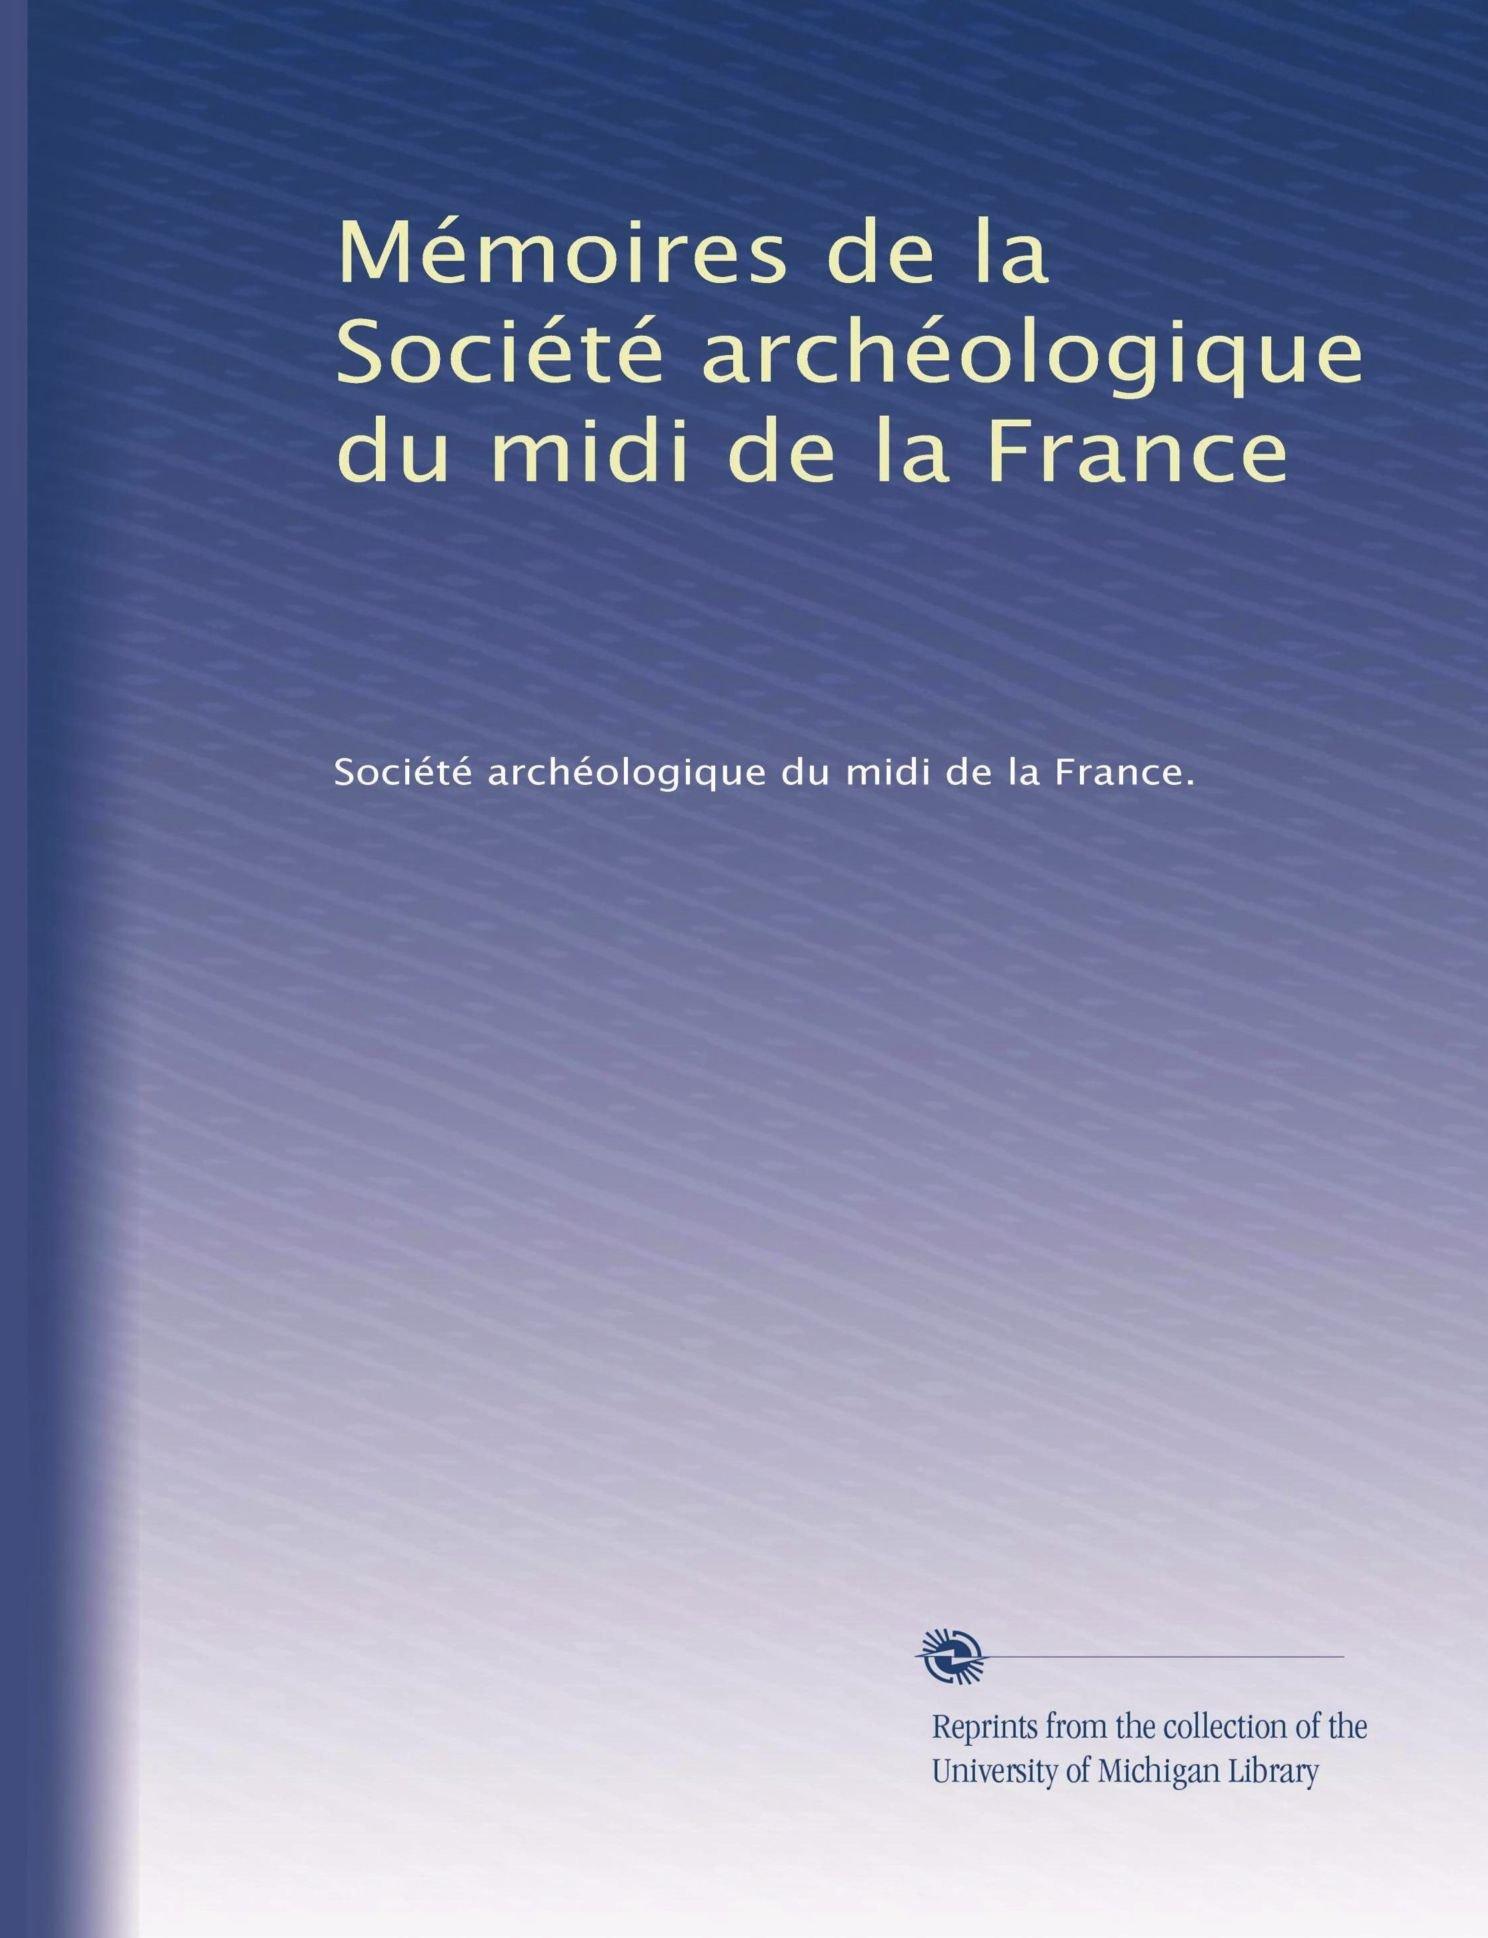 Mémoires de la Société archéologique du midi de la France (Volume 6) (French Edition) pdf